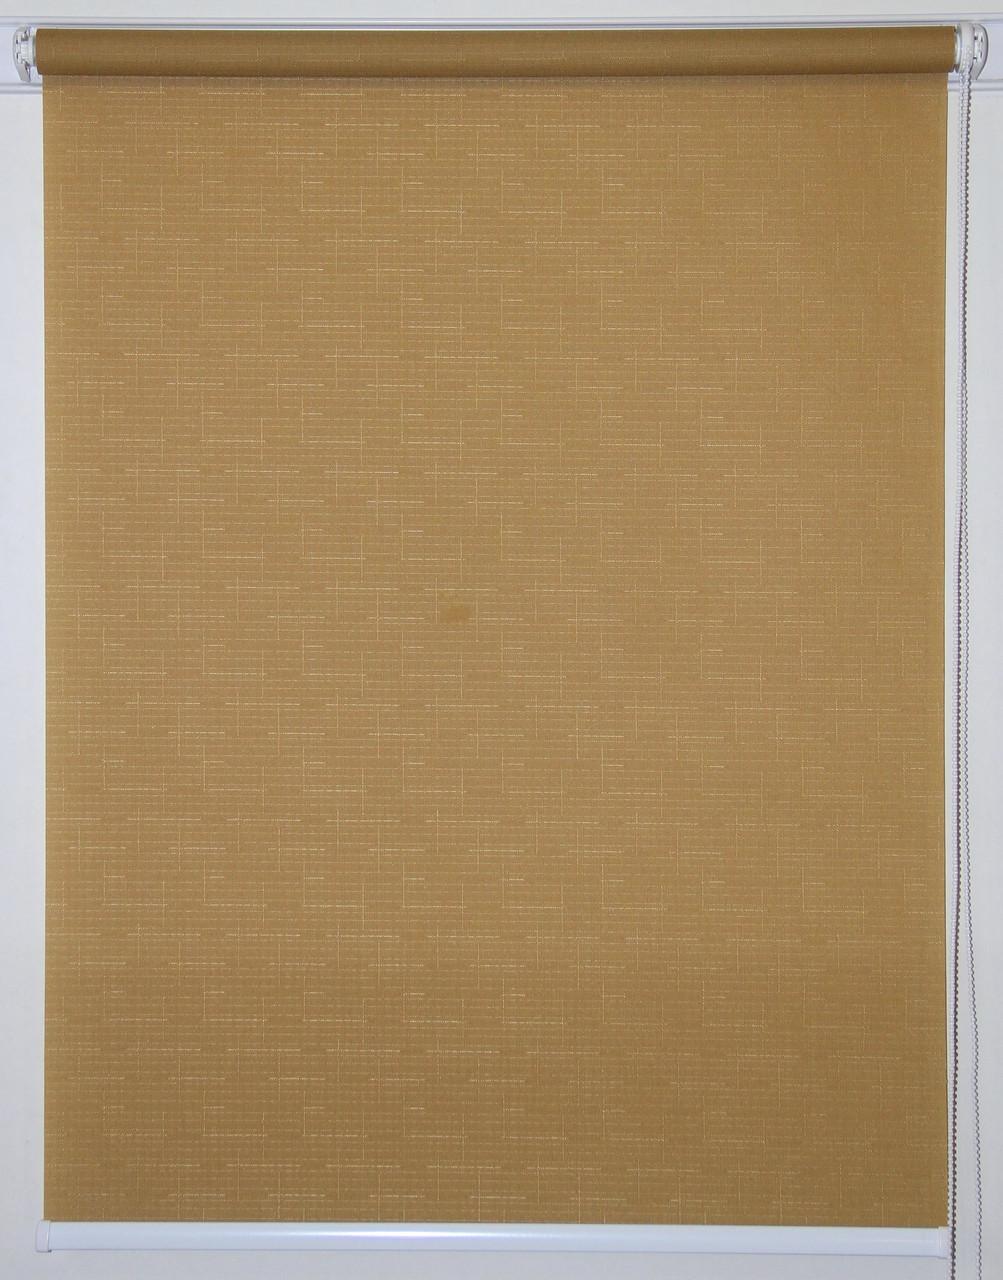 Рулонная штора 950*1500 Ткань Лён 632 Коричневый